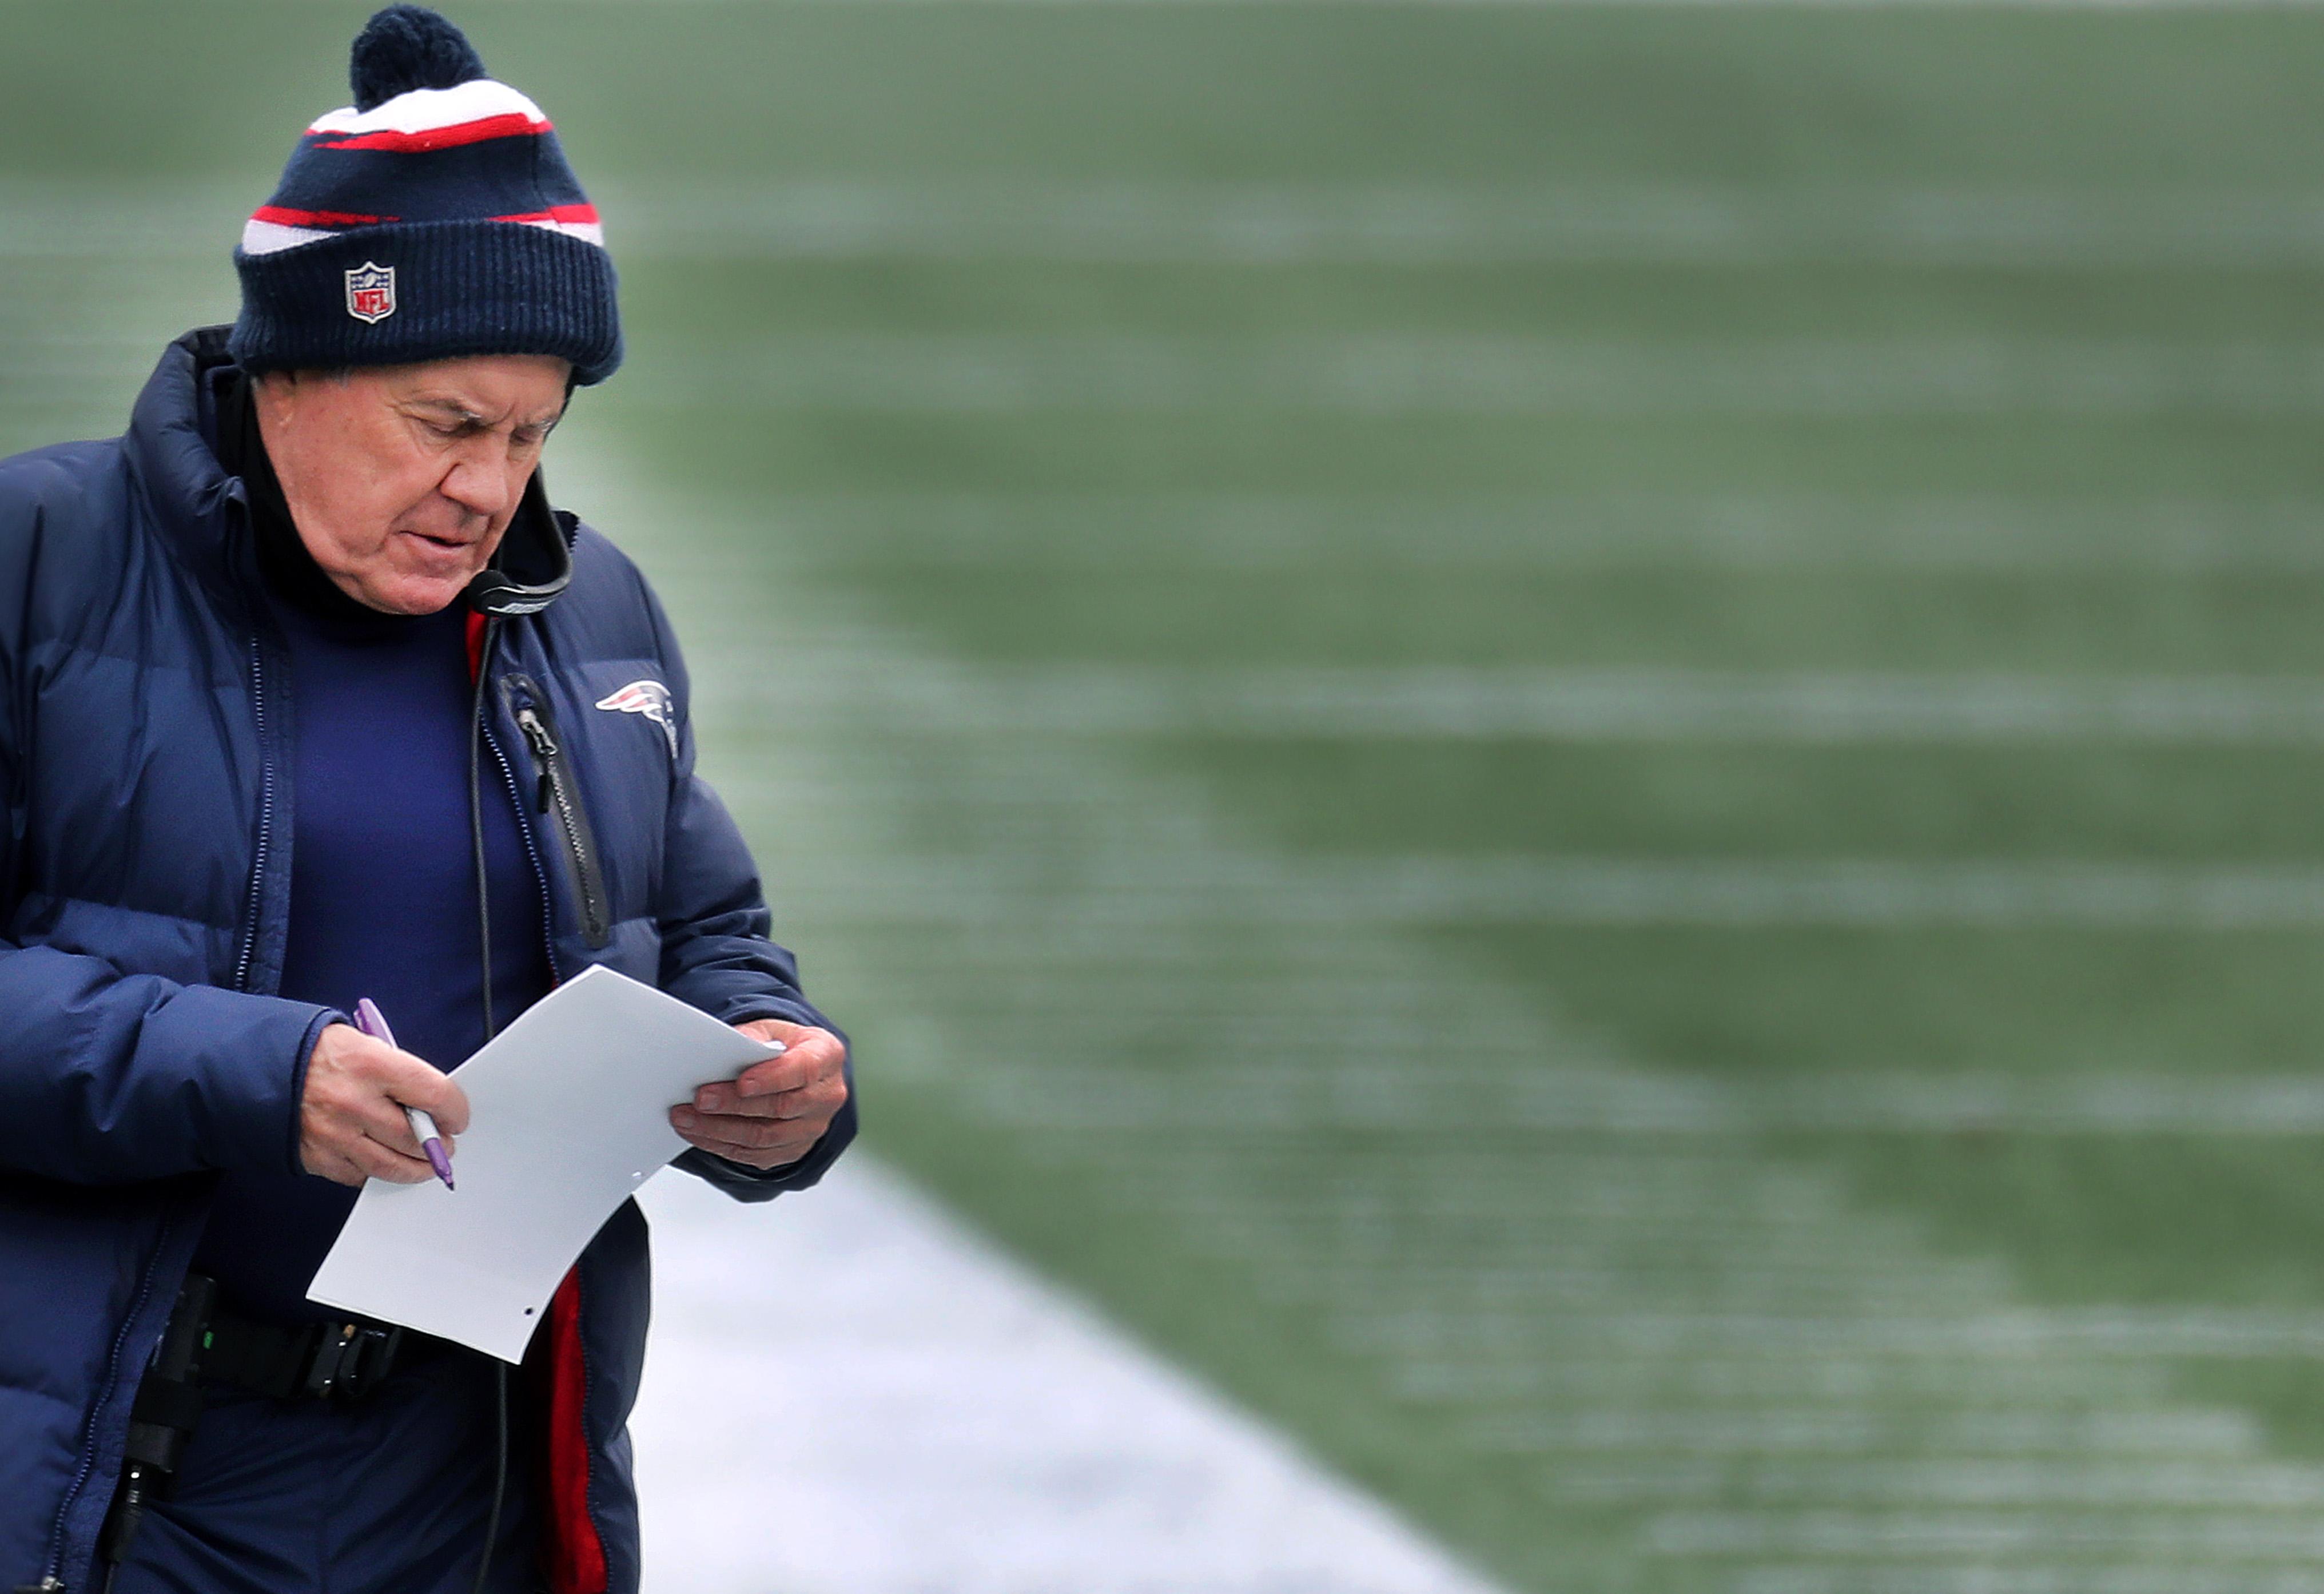 2021年1月3日,新英格兰爱国者队在马萨州福克斯堡吉列体育场与来访的纽约喷气机队进行2020年NFL赛季的最后一场比赛,新英格兰爱国者队主教练比尔·贝利奇克在场边。